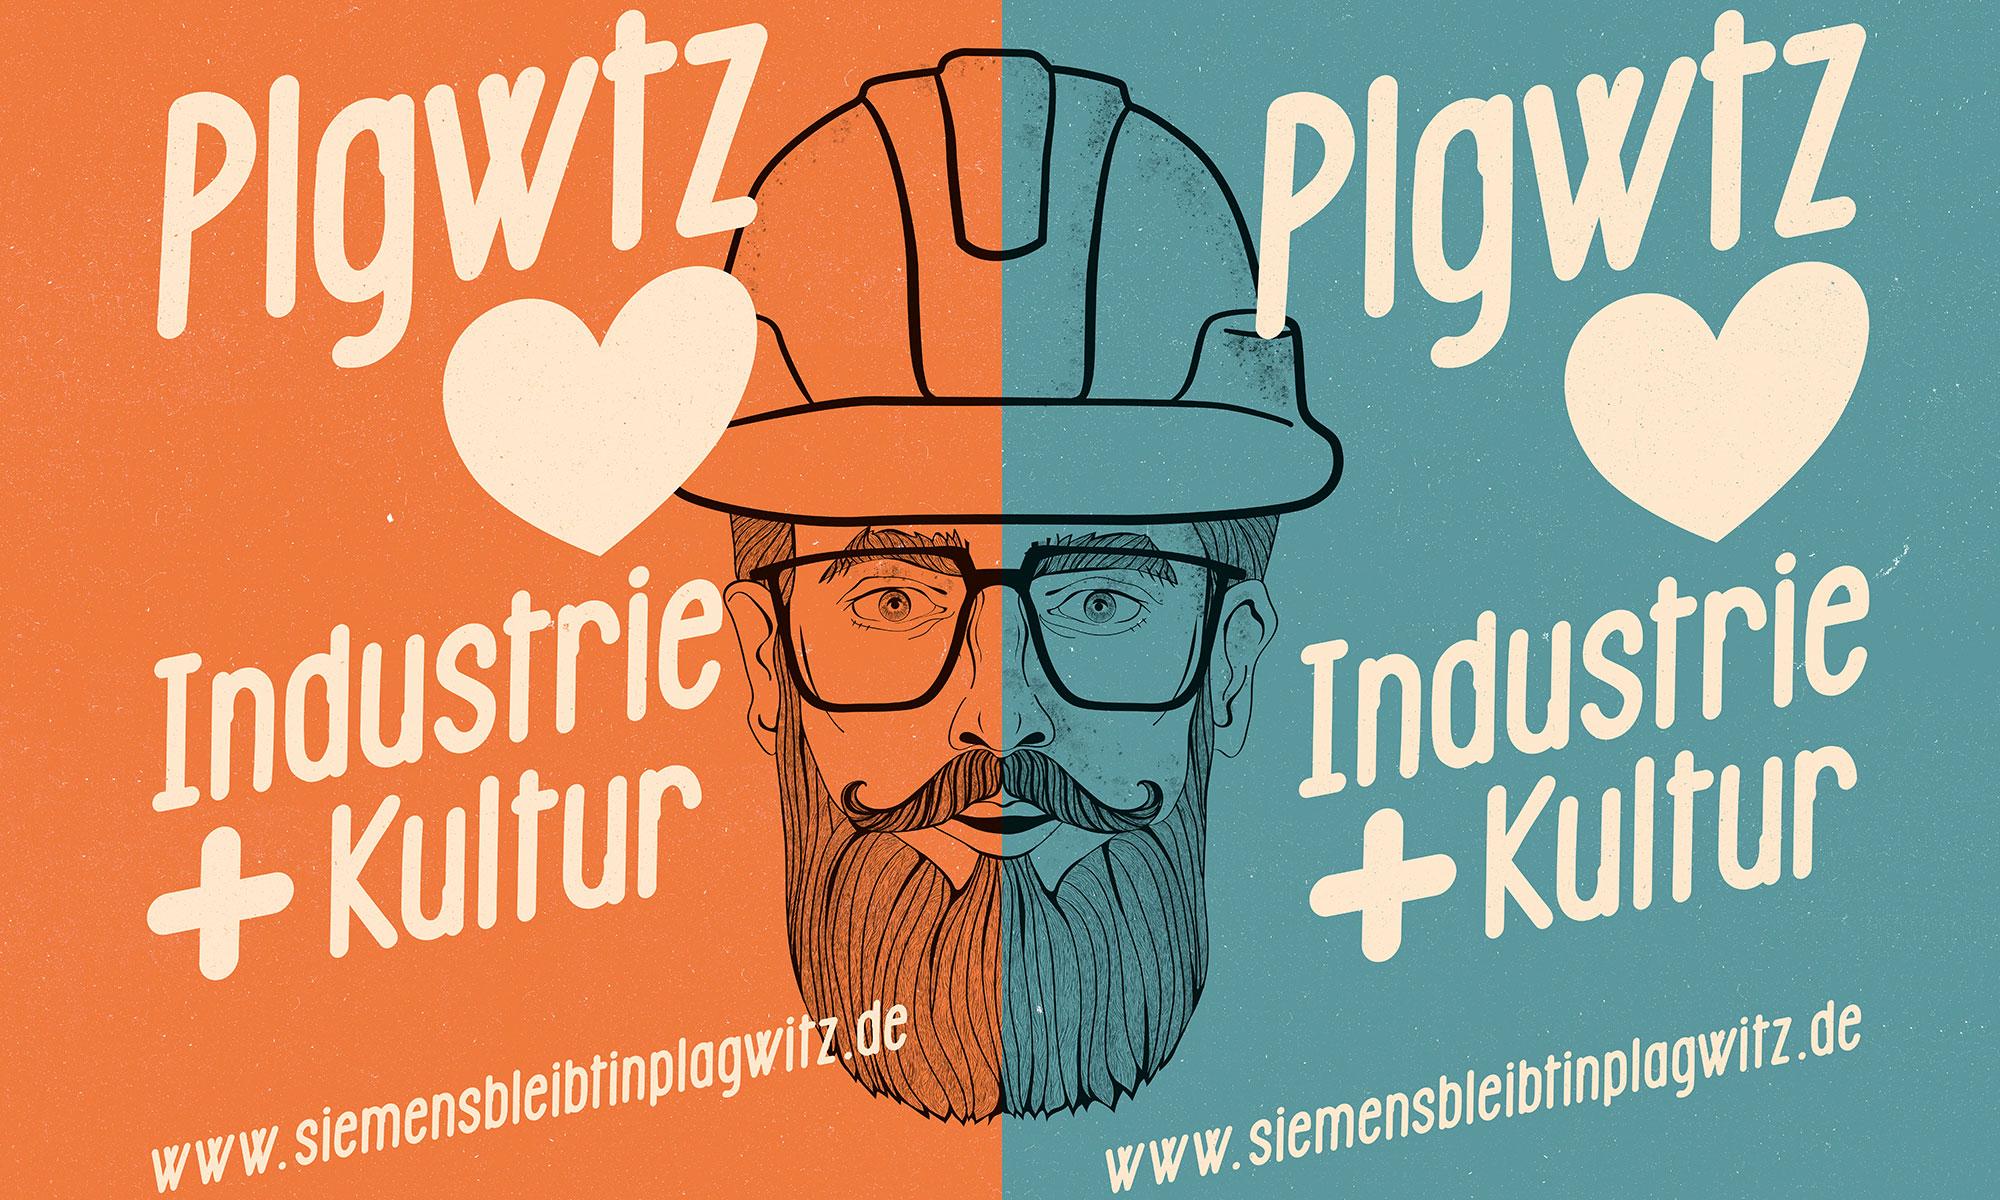 Siemens bleibt in Plagwitz!